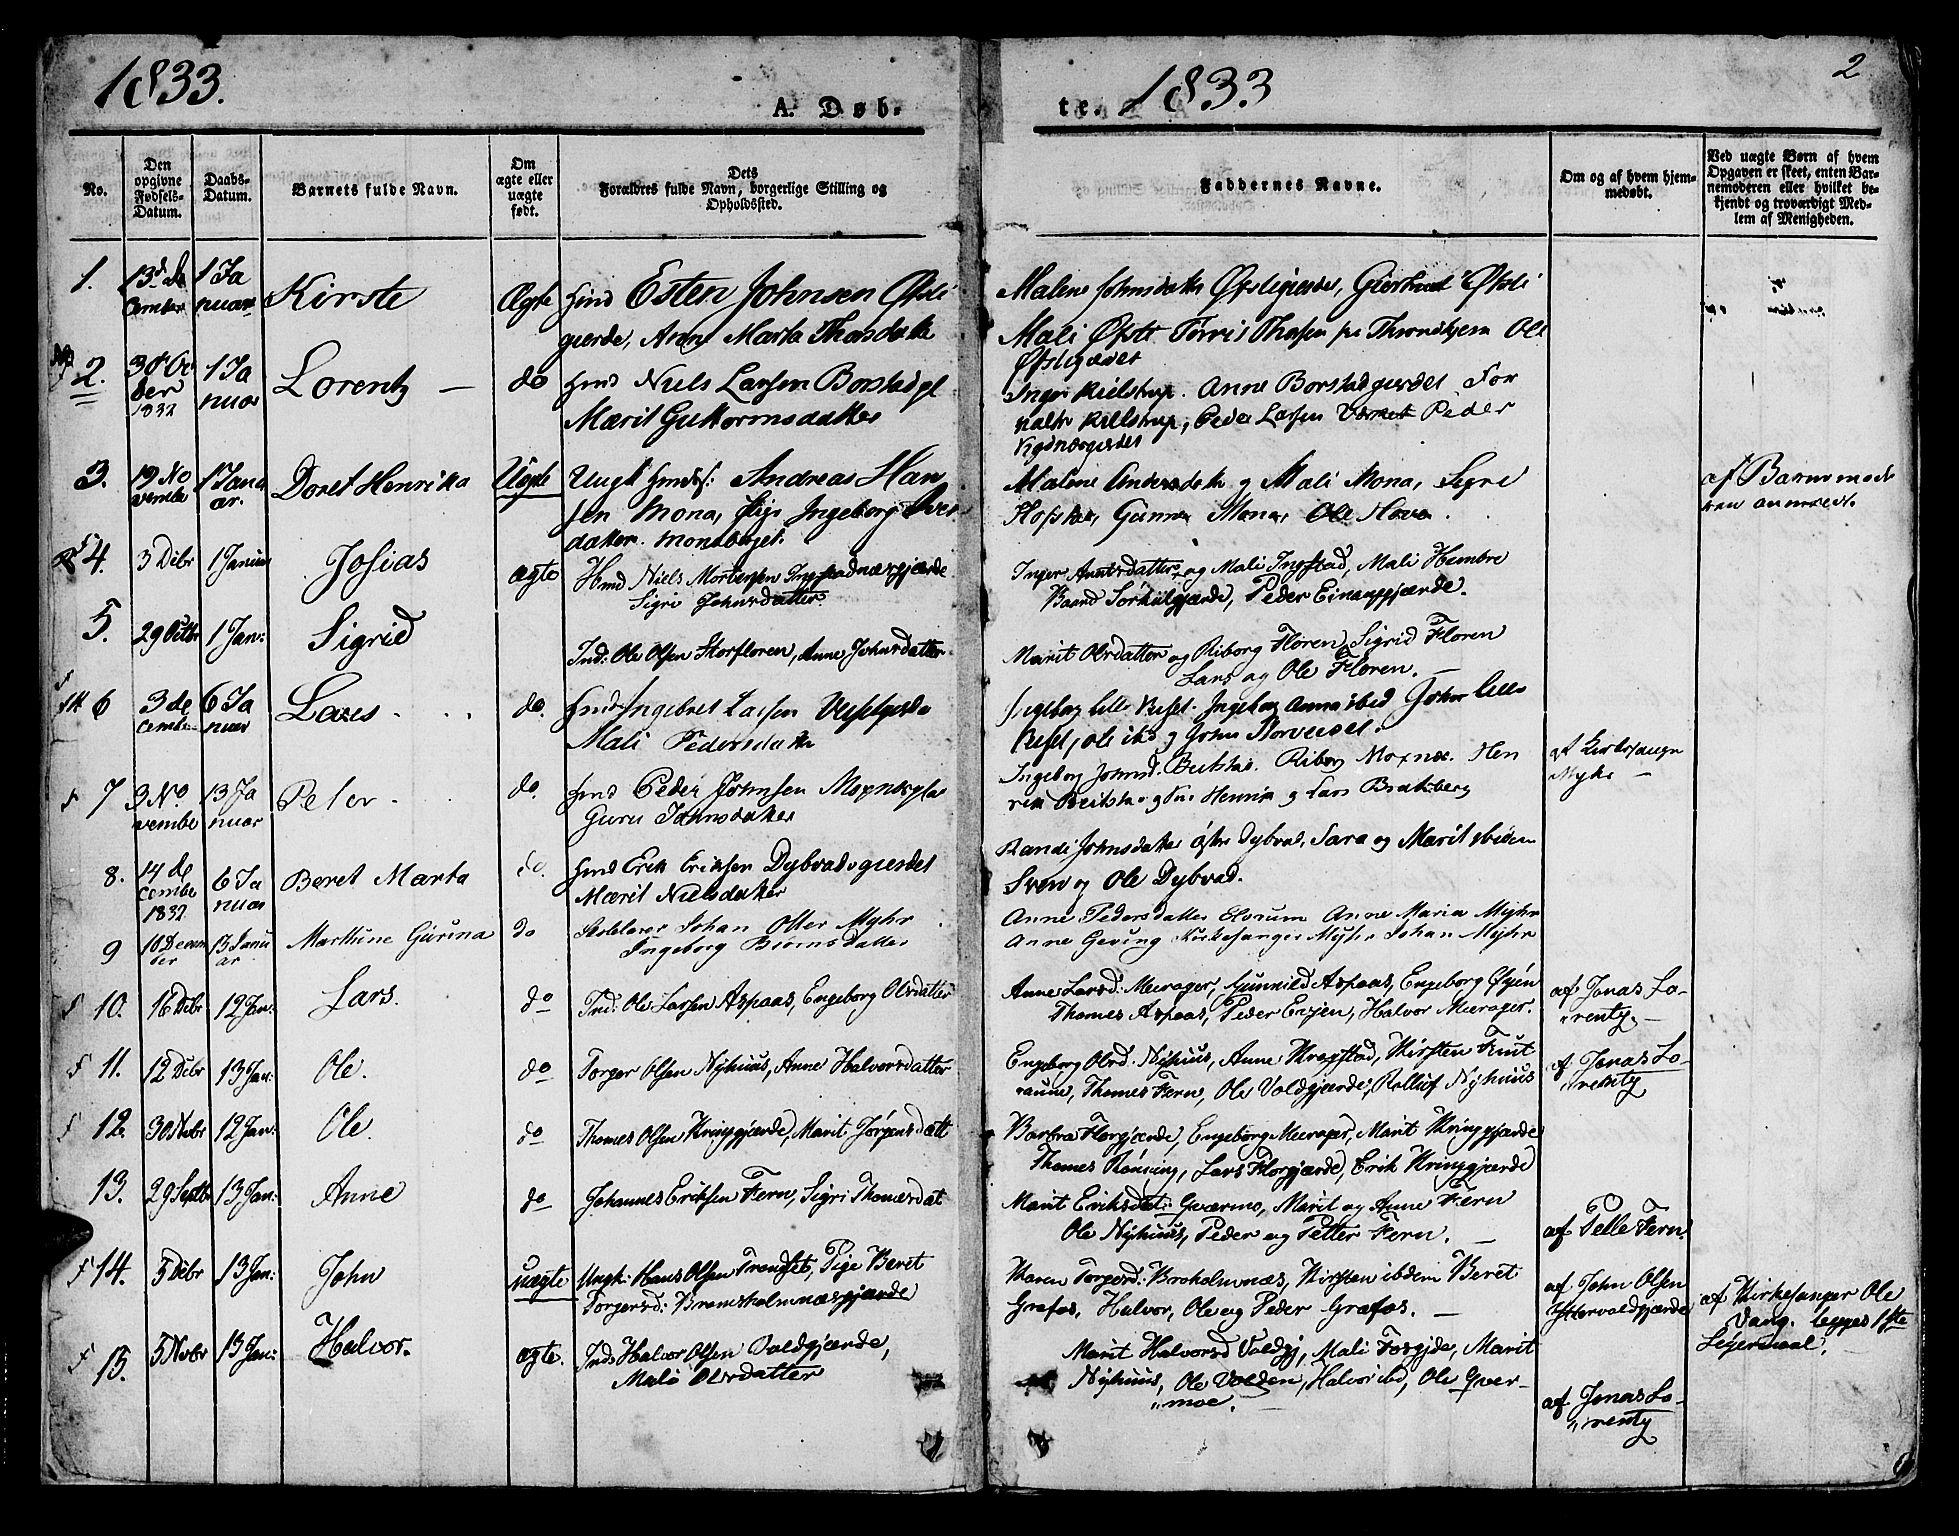 SAT, Ministerialprotokoller, klokkerbøker og fødselsregistre - Nord-Trøndelag, 709/L0071: Ministerialbok nr. 709A11, 1833-1844, s. 2